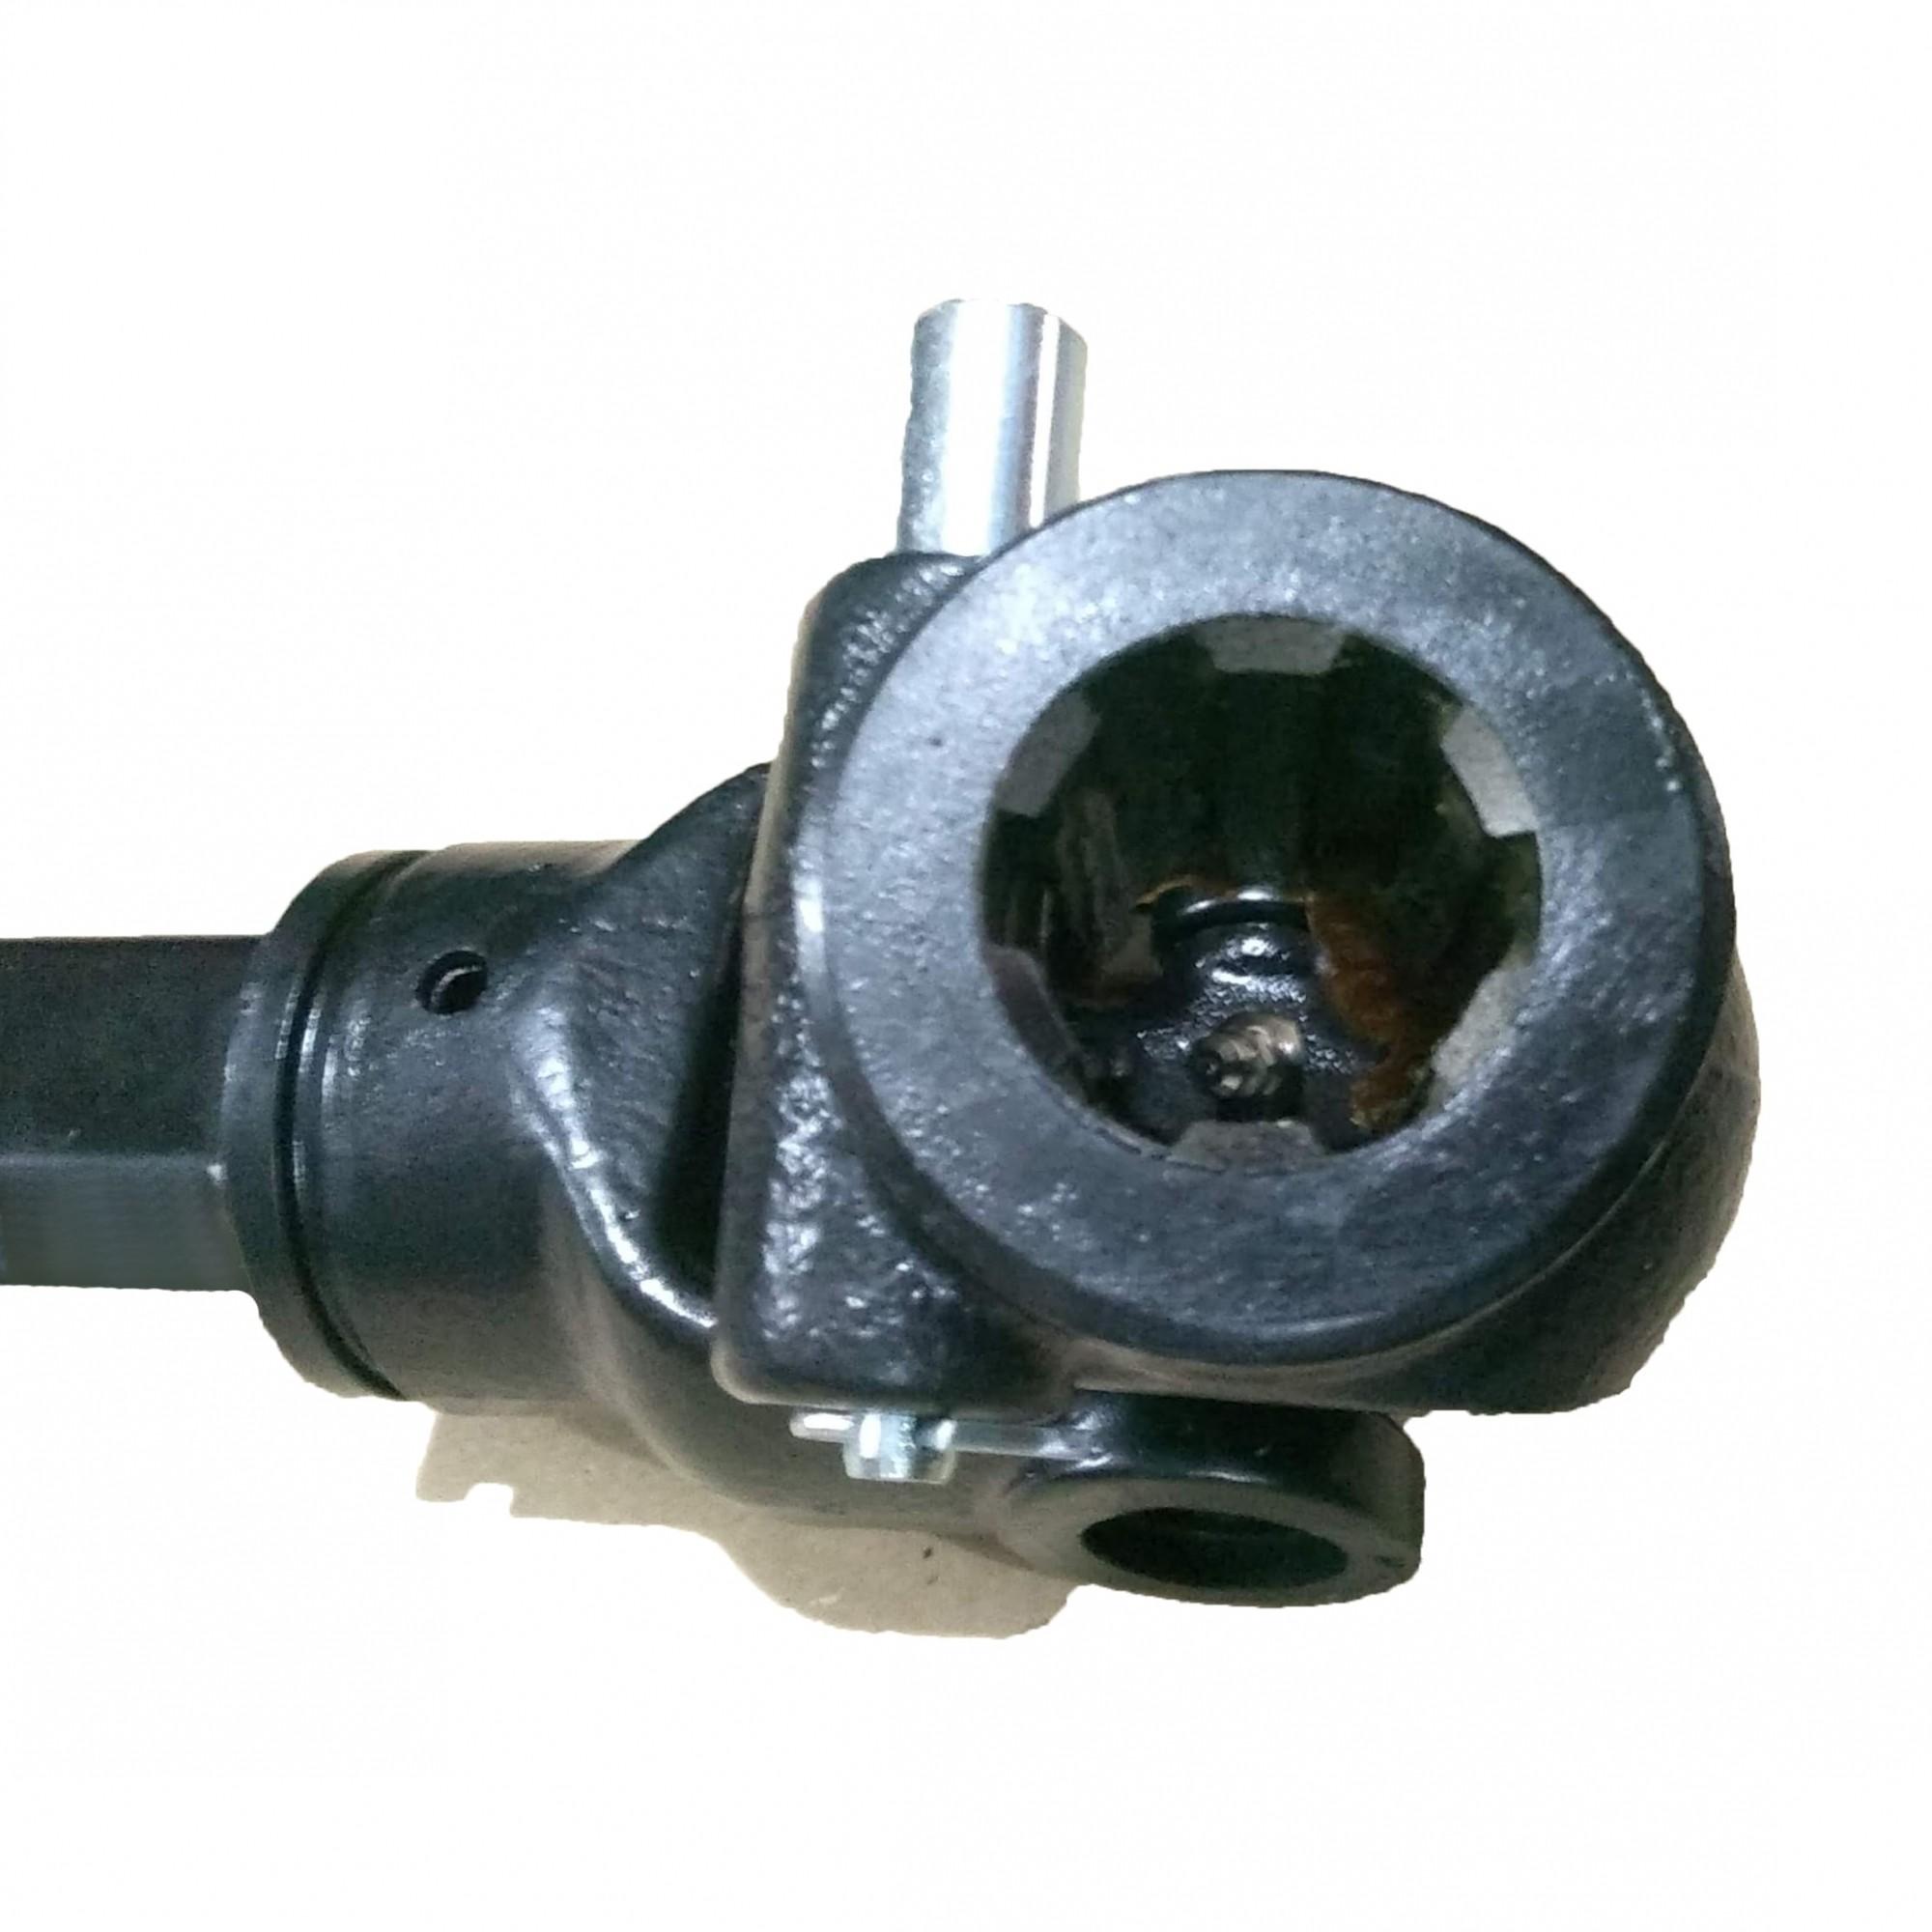 Cardan Roçadeira Completo Tratores Nobre (450mm)